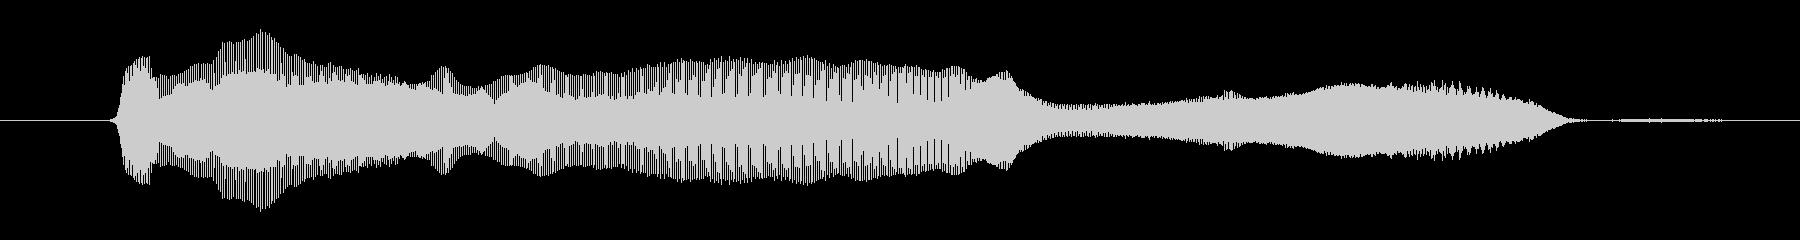 「かーわーいー!」の未再生の波形